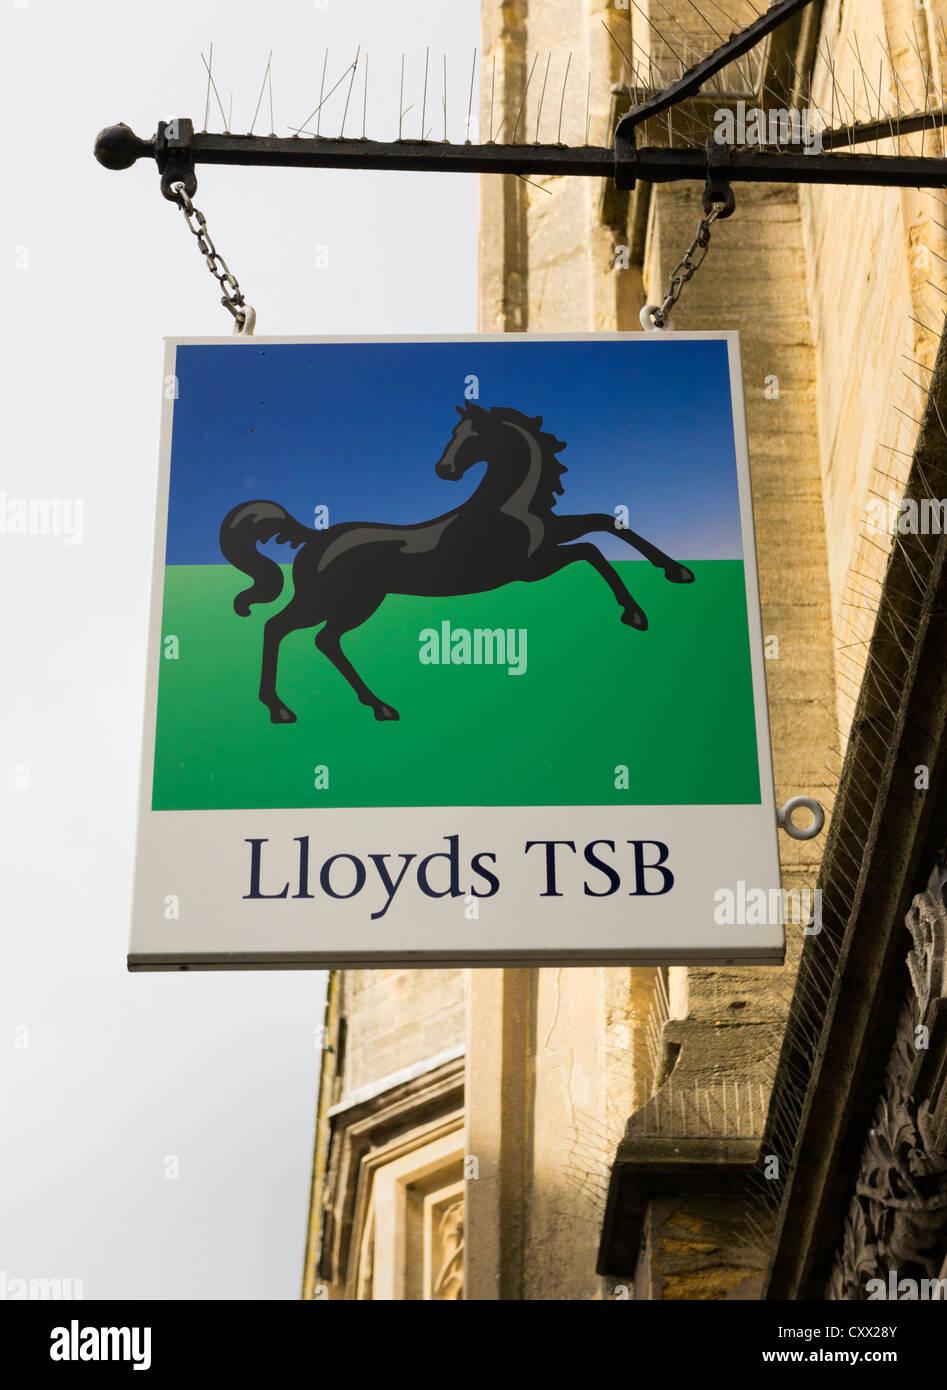 Lloyds TSB bank sign, UK - Stock Image